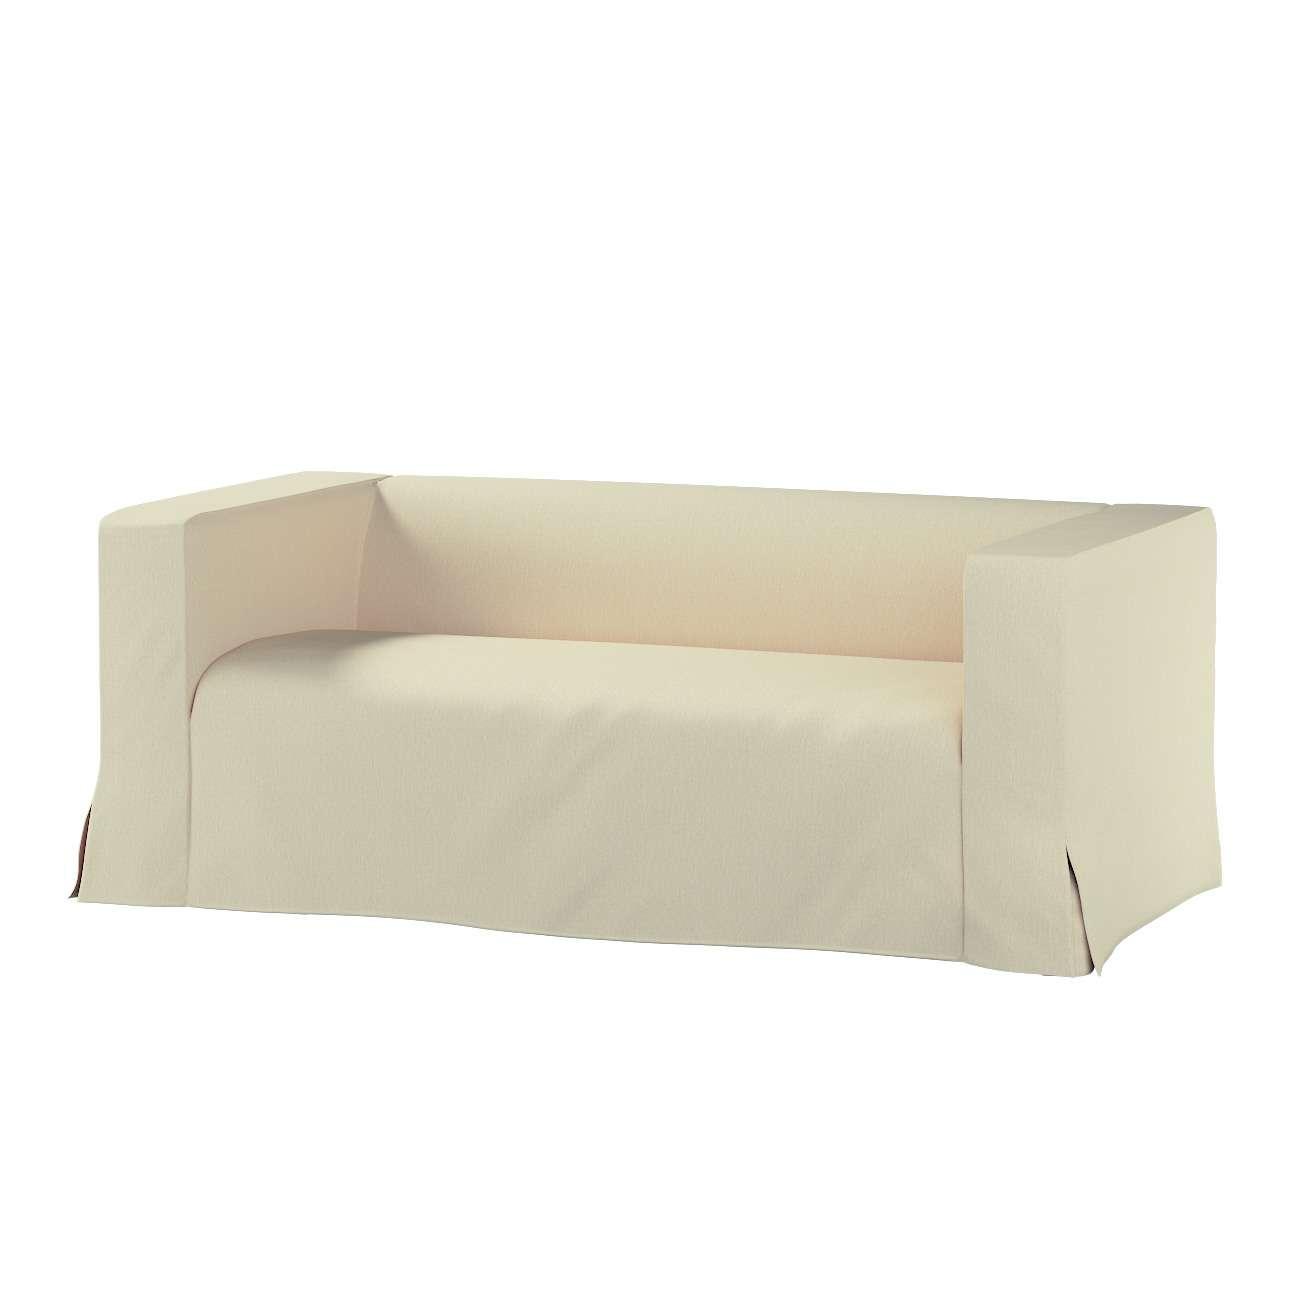 Klippan dvivietės sofos užvalkalas (ilgas, iki žemės) Klippan dvivietės sofos užvalkalas (ilgas, iki žemės) kolekcijoje Chenille, audinys: 702-22